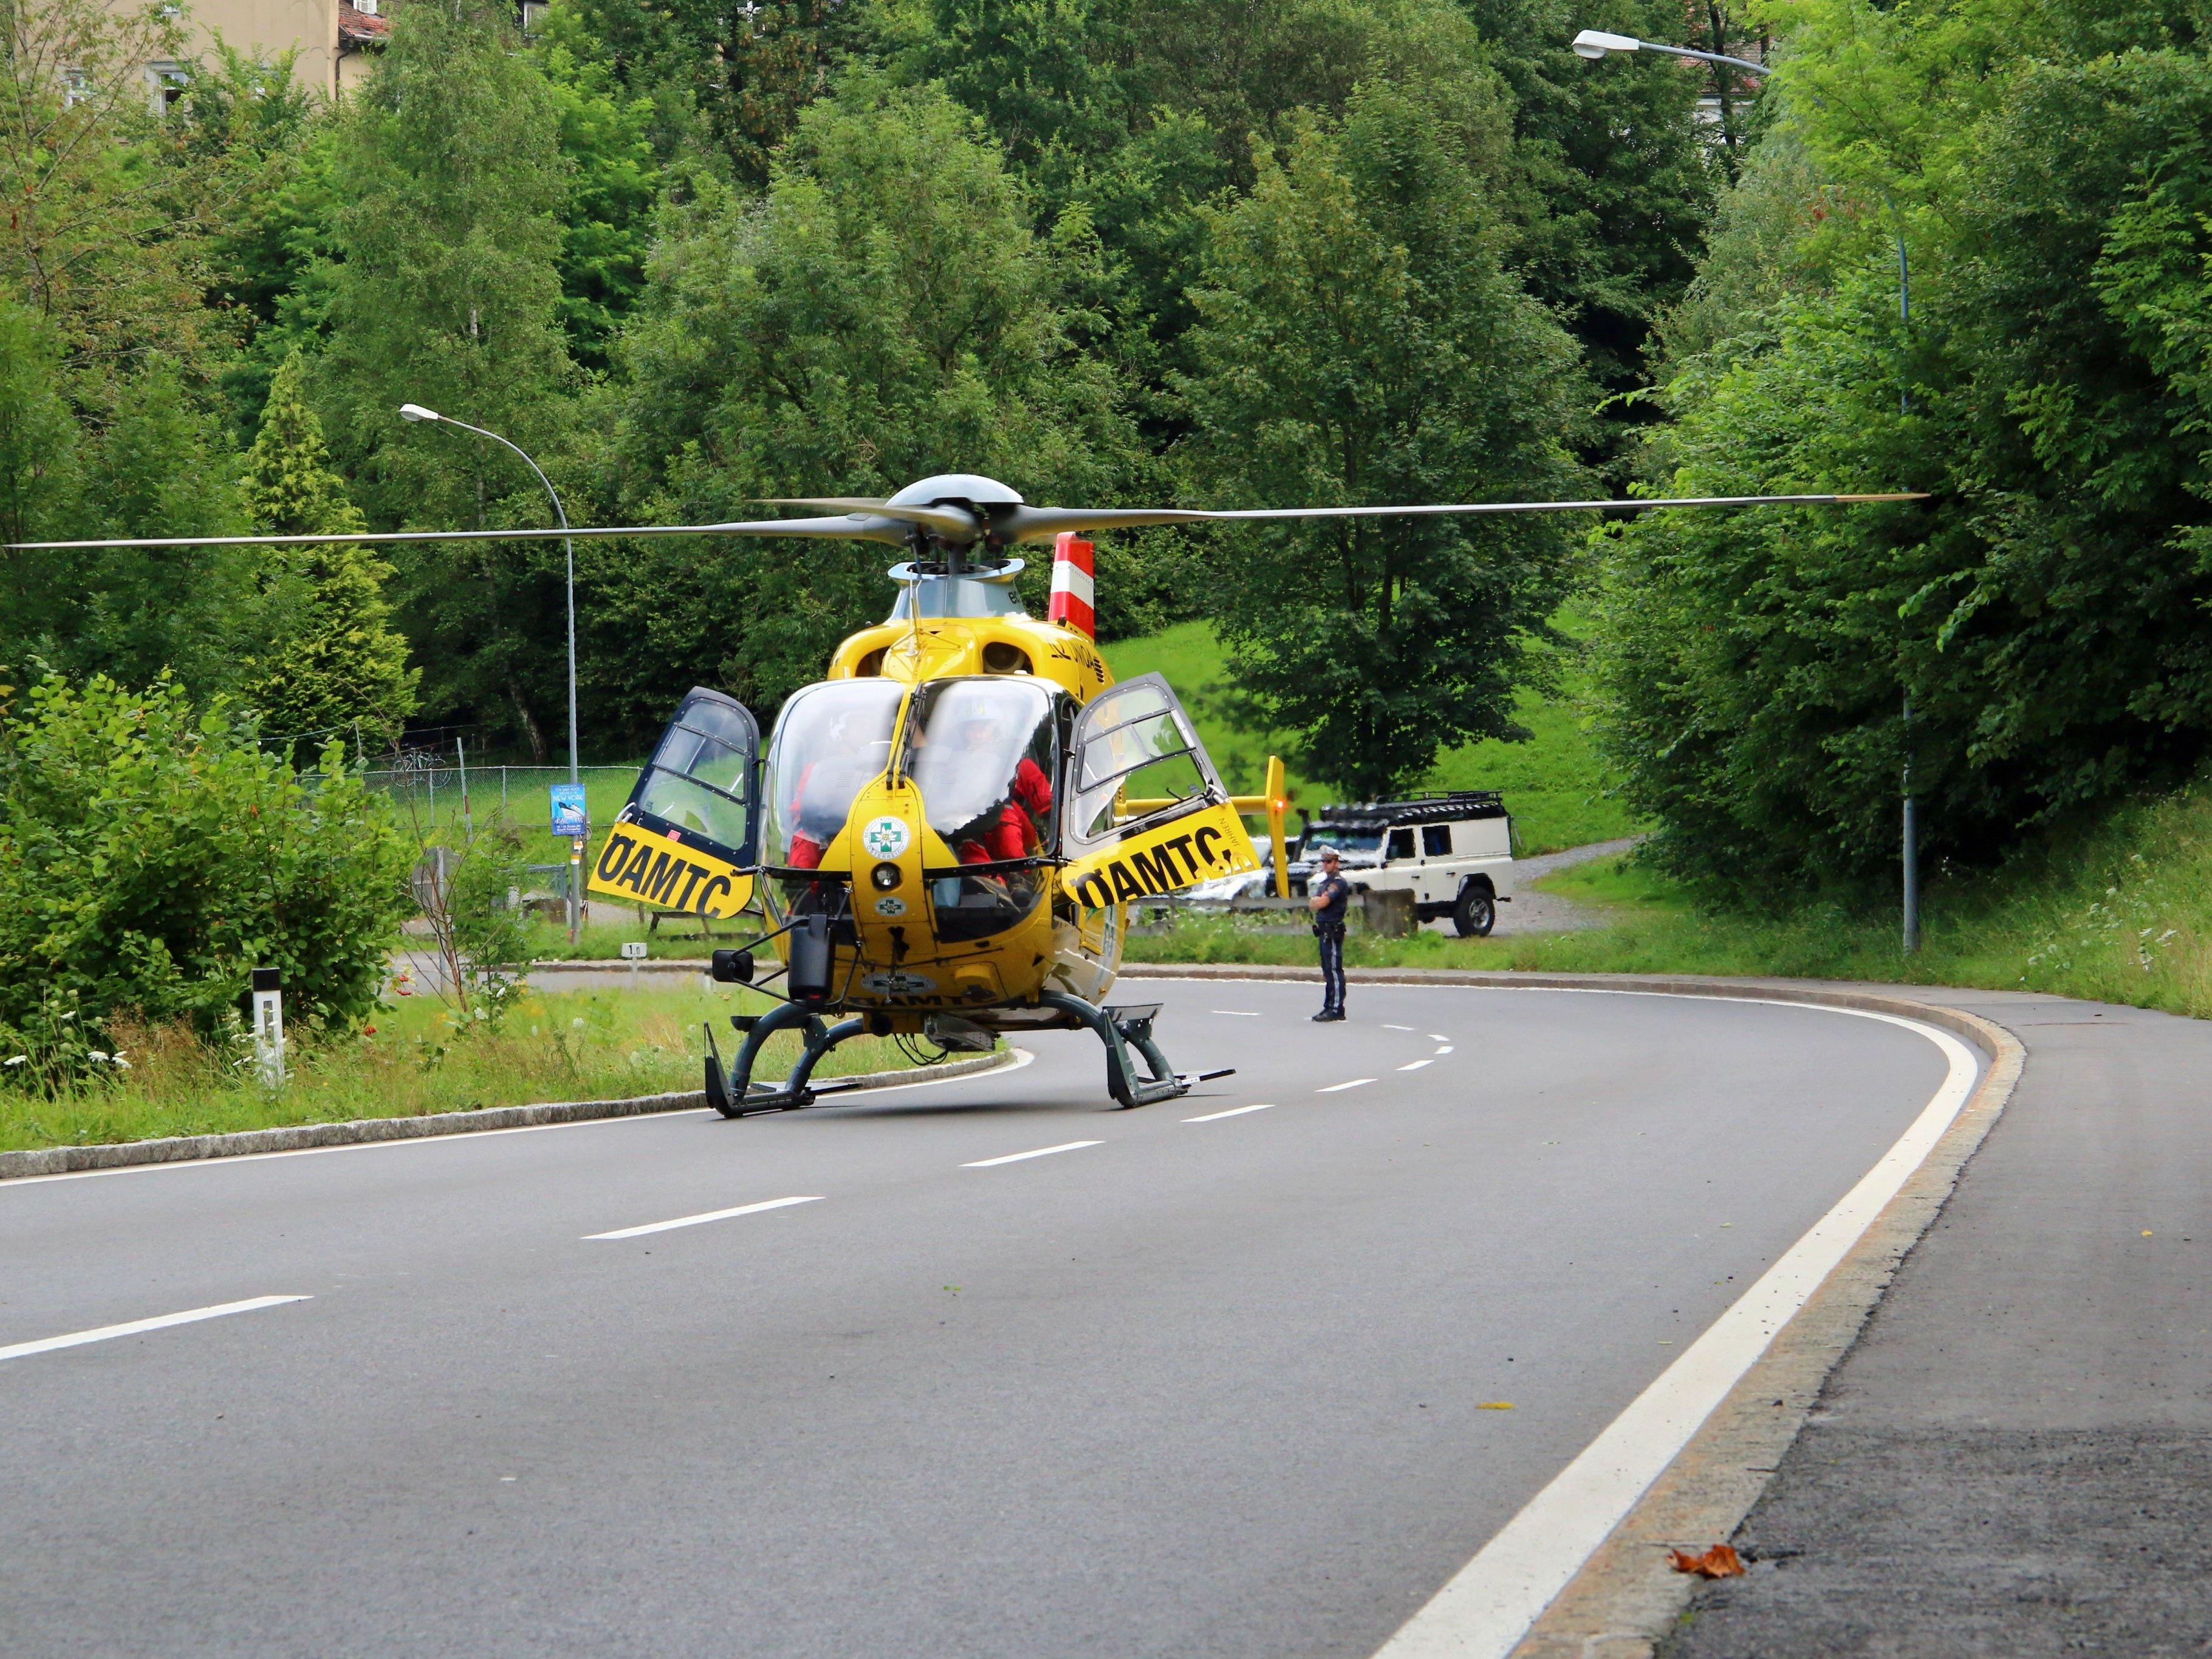 Ein Rettungshubschrauber auf dem Weg zu einem Einsatz blies im Vorbeiflug ein Festzelt um.